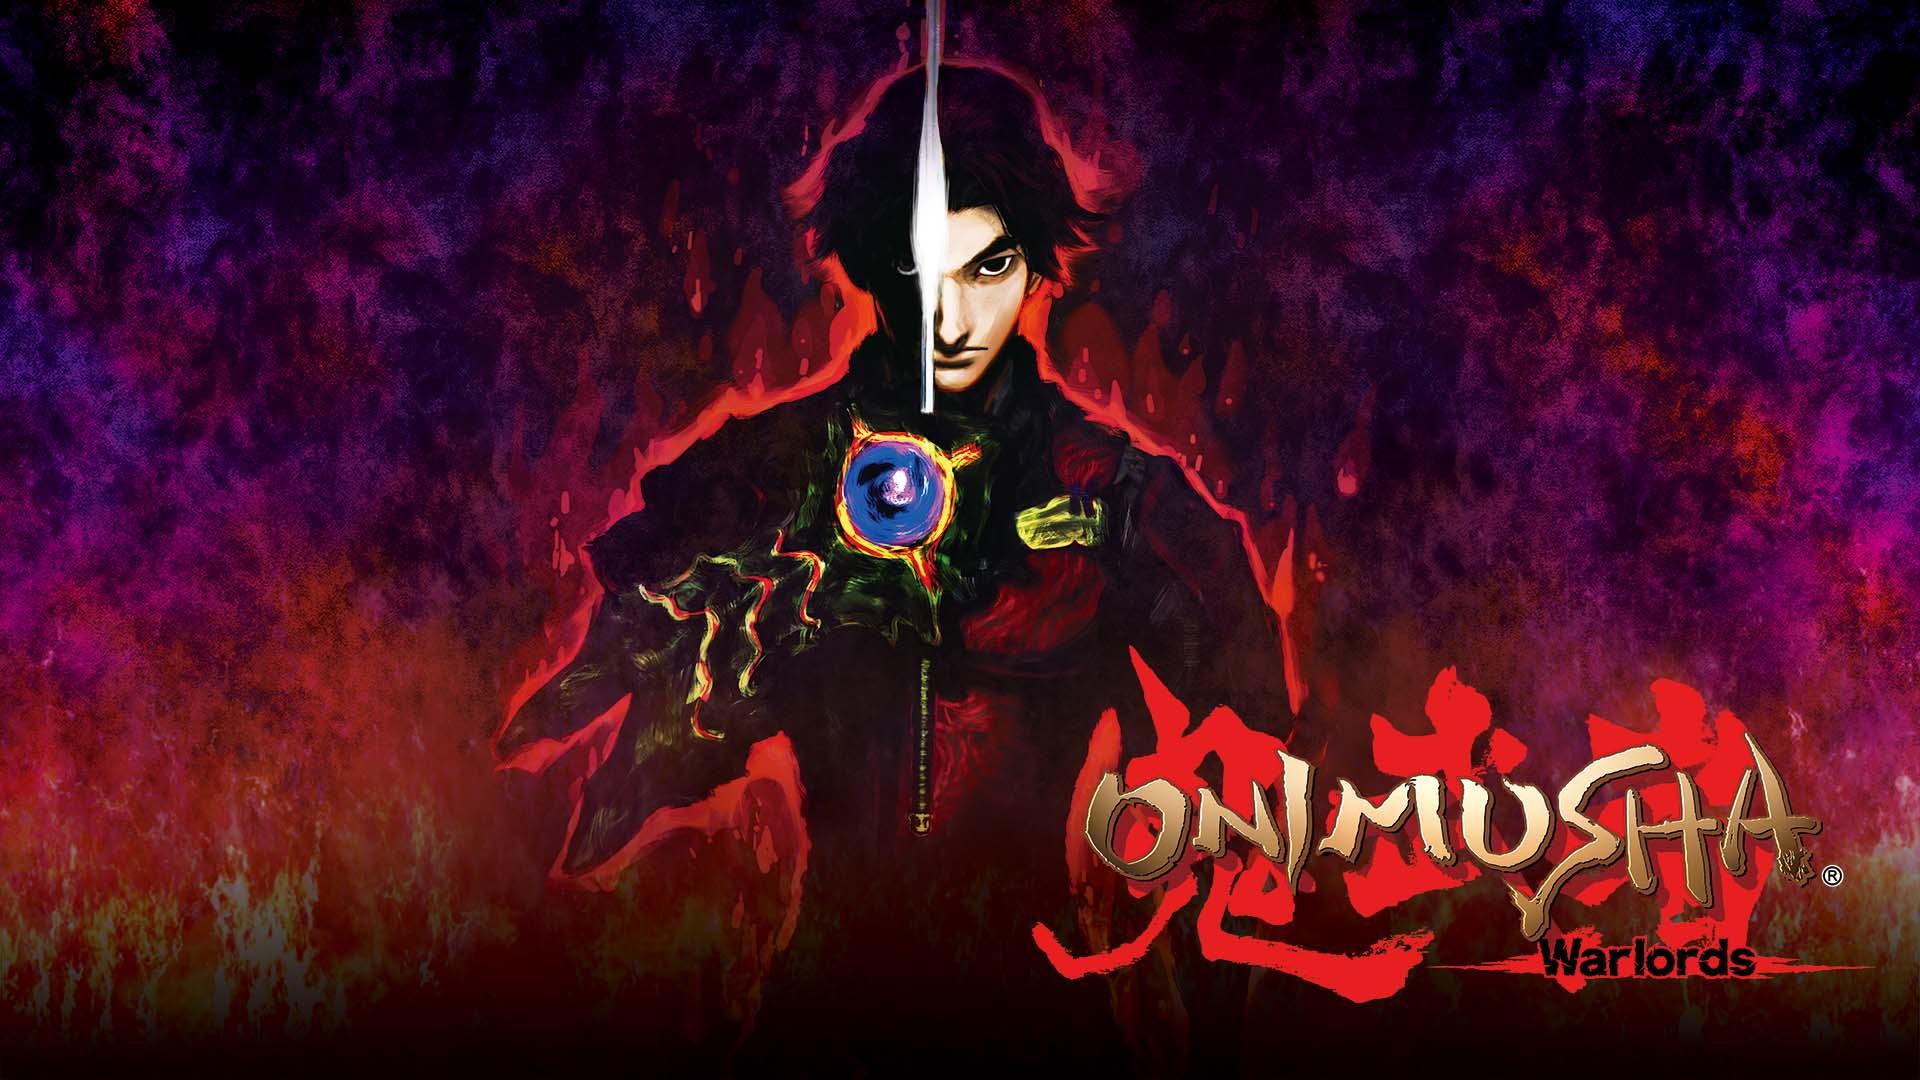 初代『鬼武者』がリマスターされ現行機種で復活、年末にNintendo Switchなどで発売へ